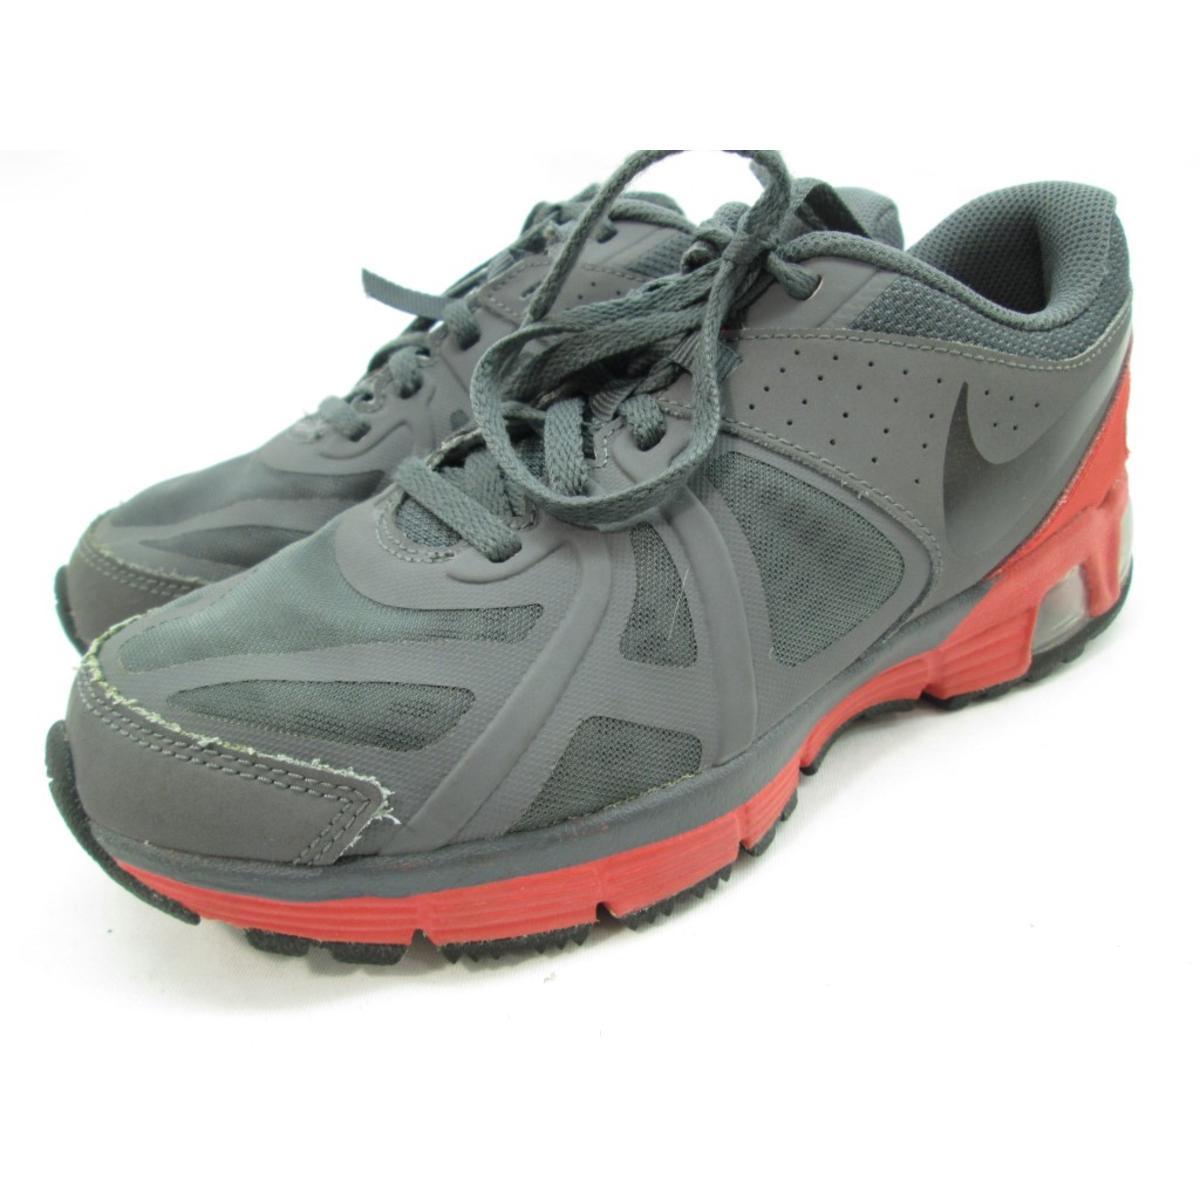 e3bb0029f6571 Details about Nike Boy's Air Max Run Lite 5 (GS) Dark Grey/Black/Lt Crimson  Shoe 5.5Y